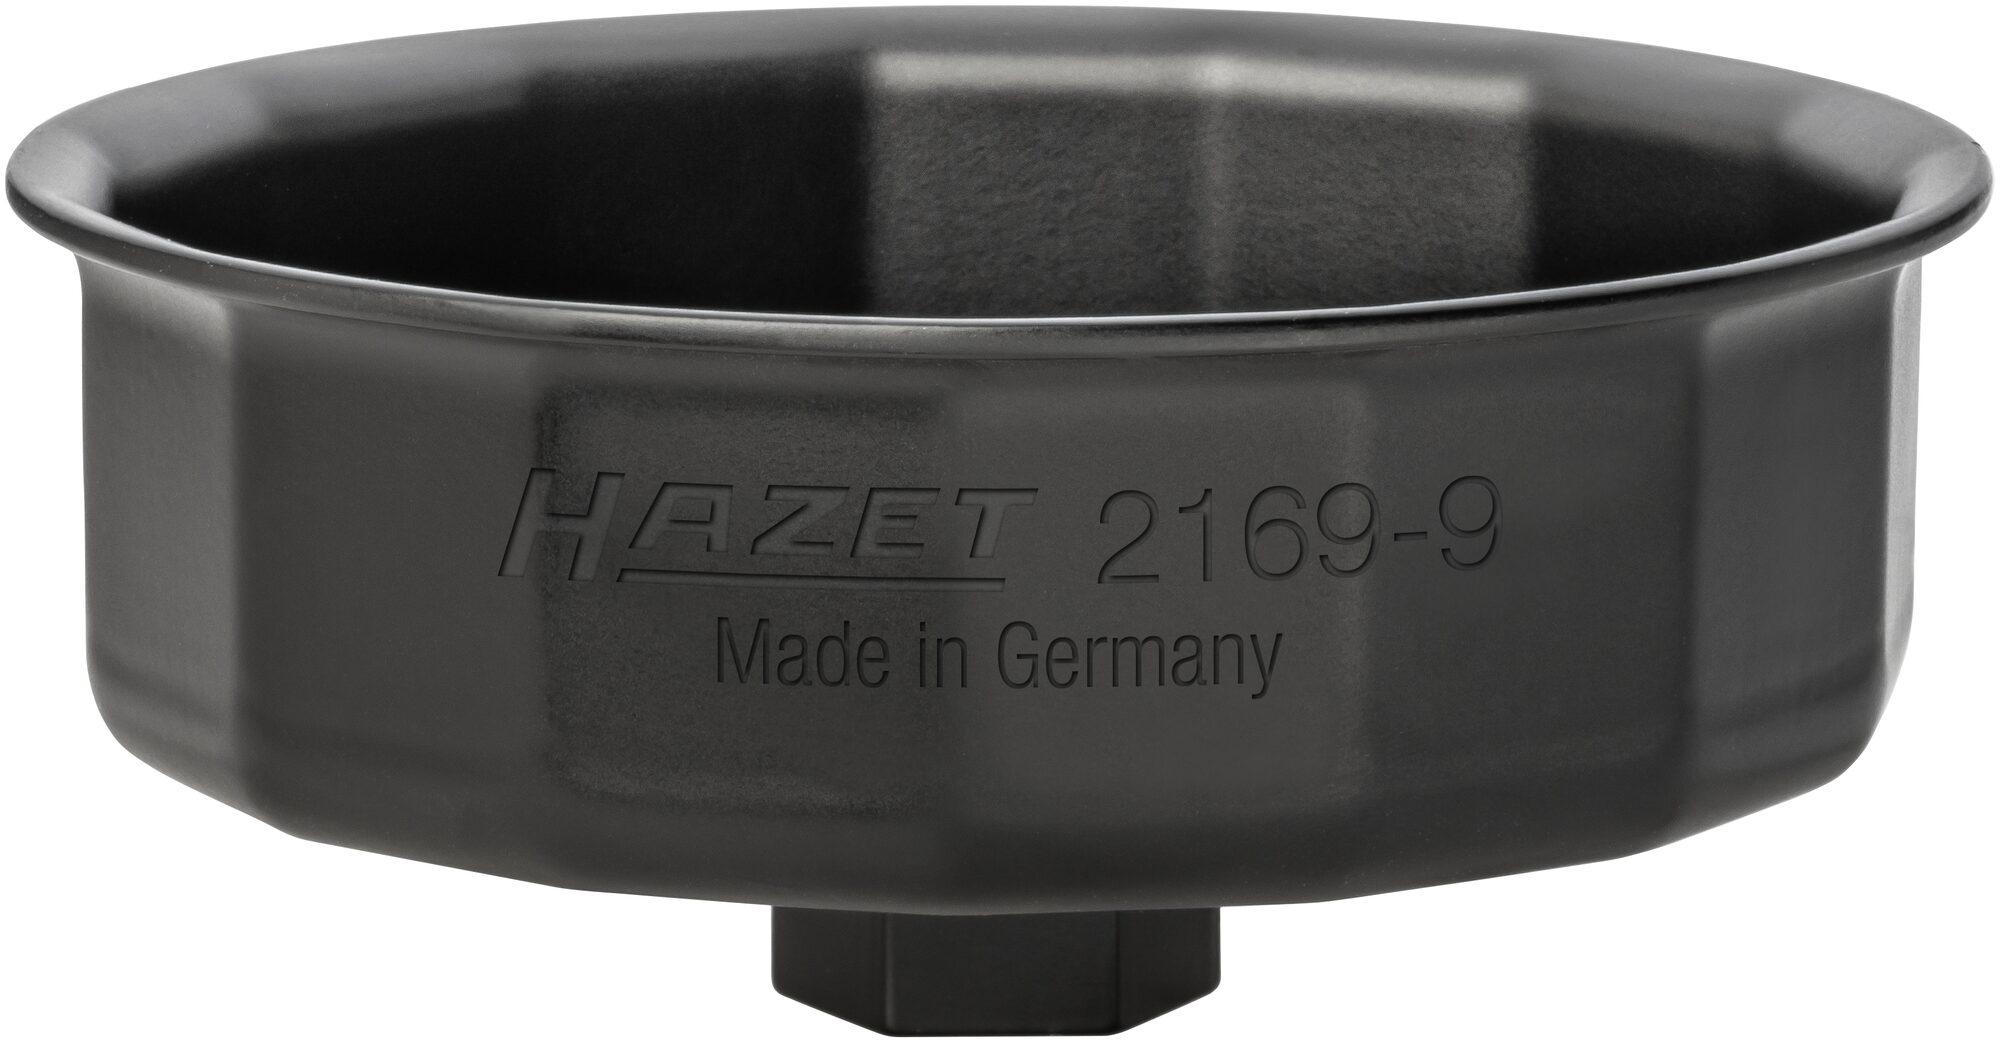 HAZET Ölfilter-Schlüssel 2169-9 ∙ Außen-Sechskant 24 mm, Vierkant hohl 12,5 mm (1/2 Zoll) ∙ Außen-15-kant Profil